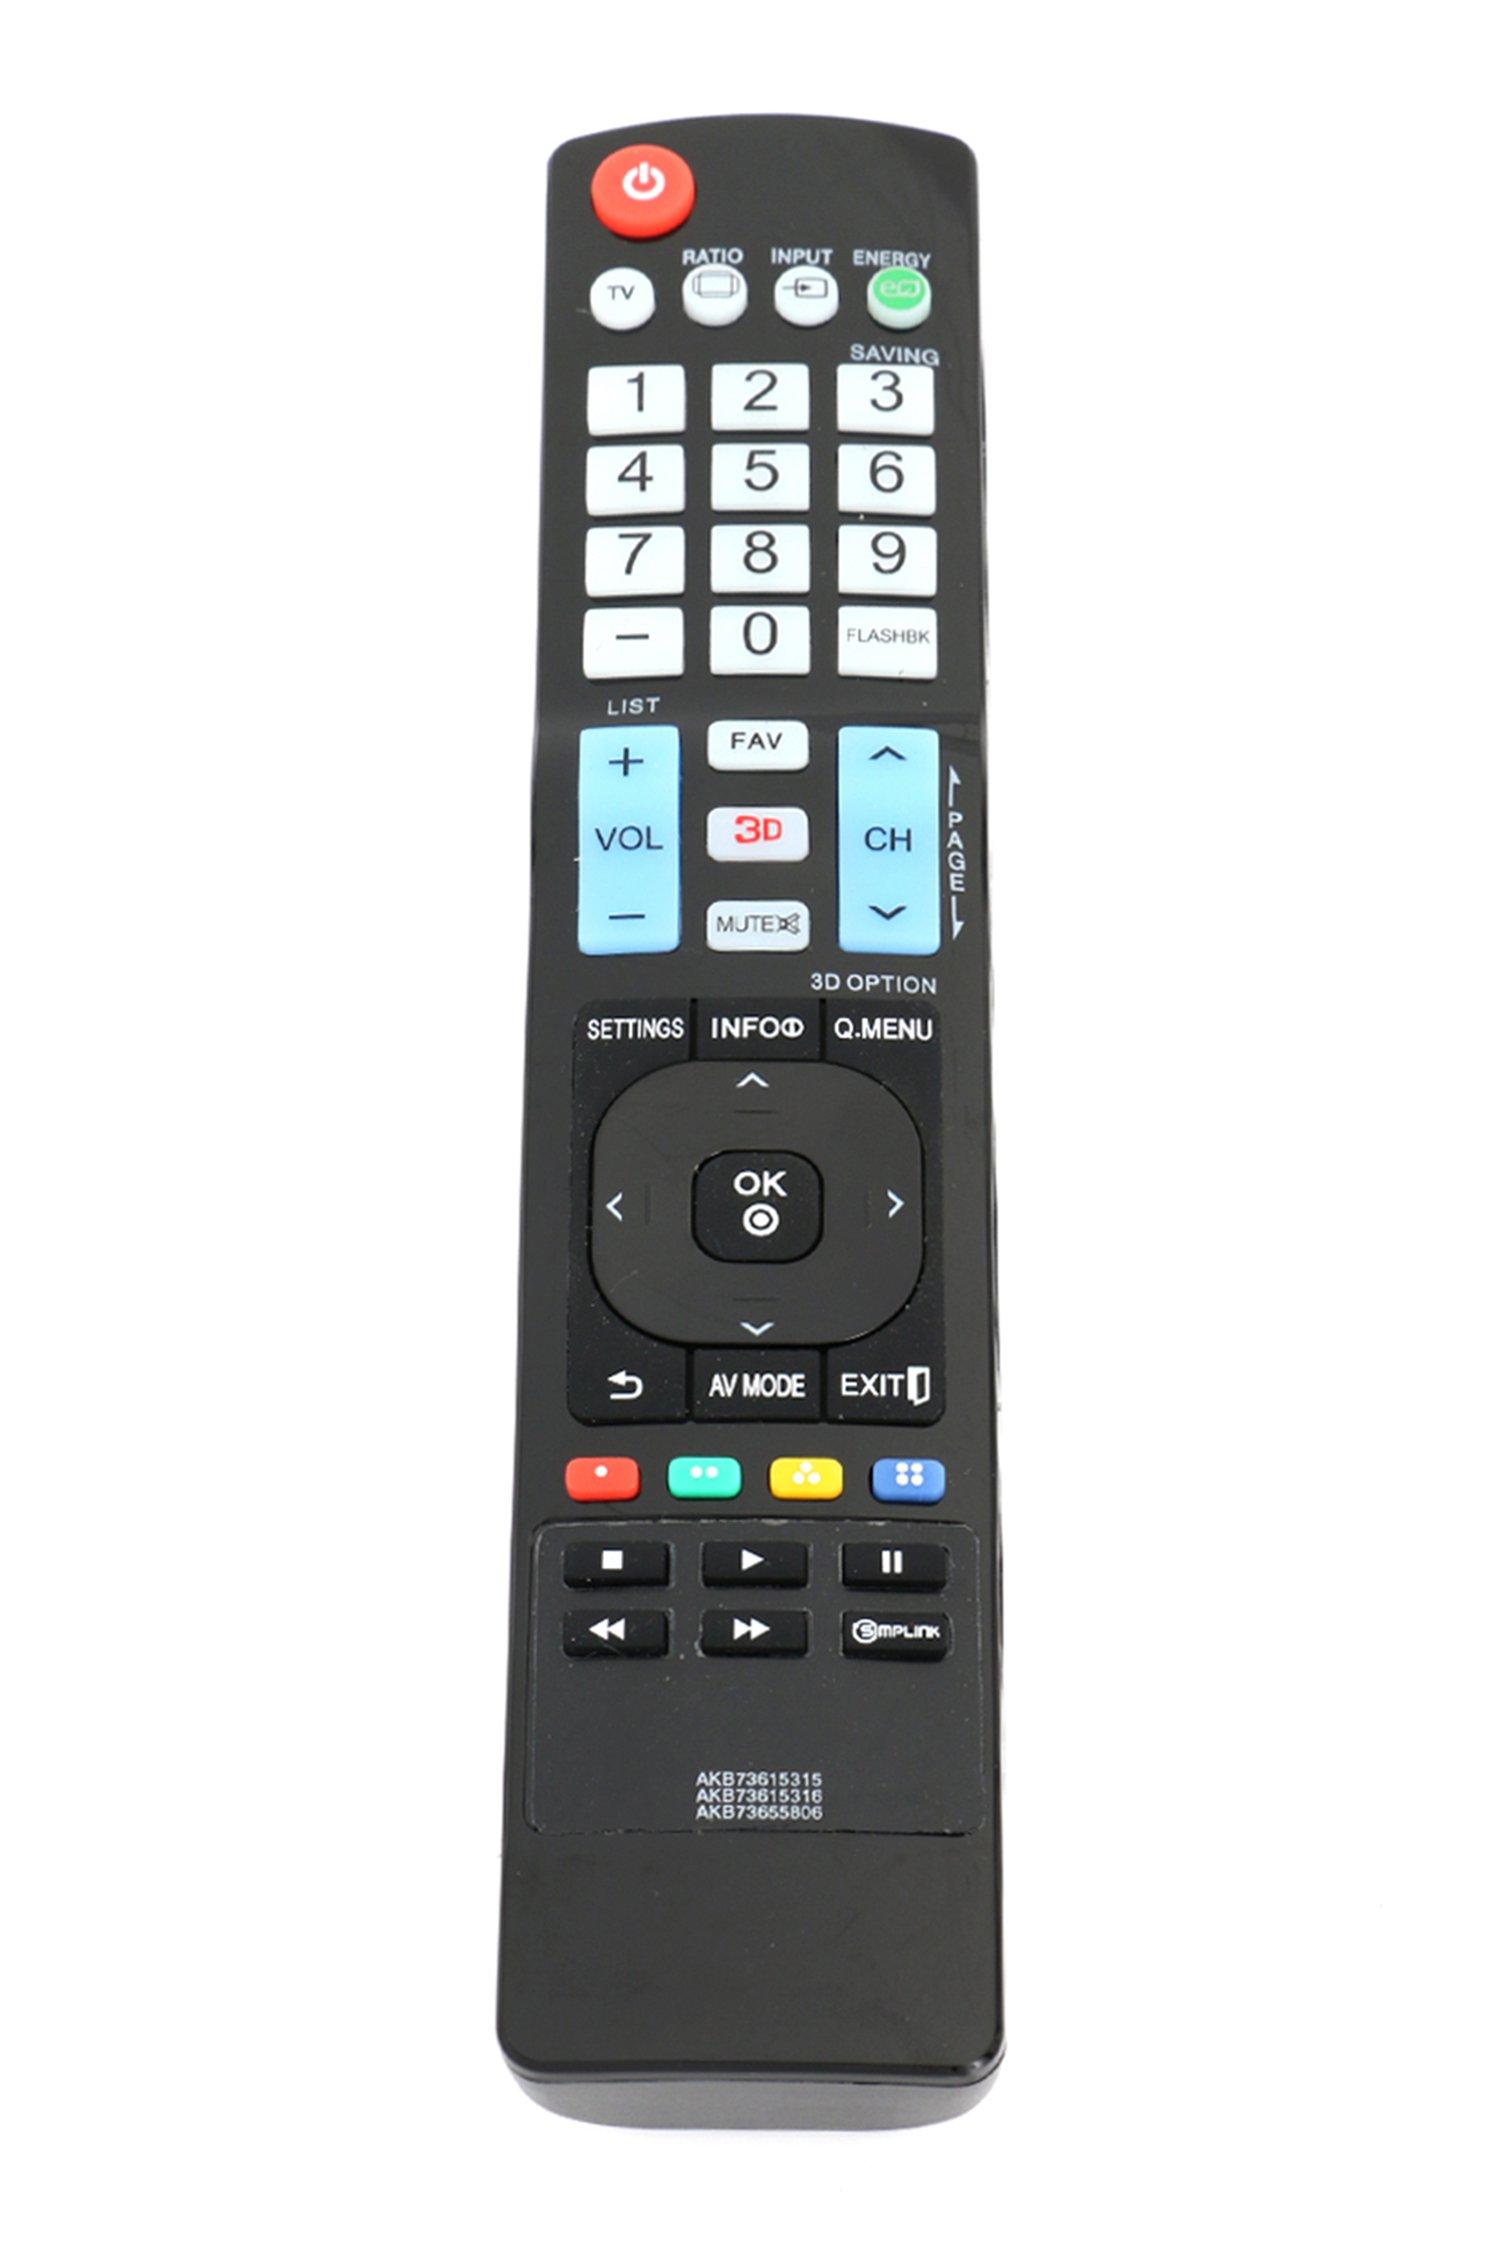 Control Remoto AKB73615315 AKB73615316 AKB73655806 LG TV ...